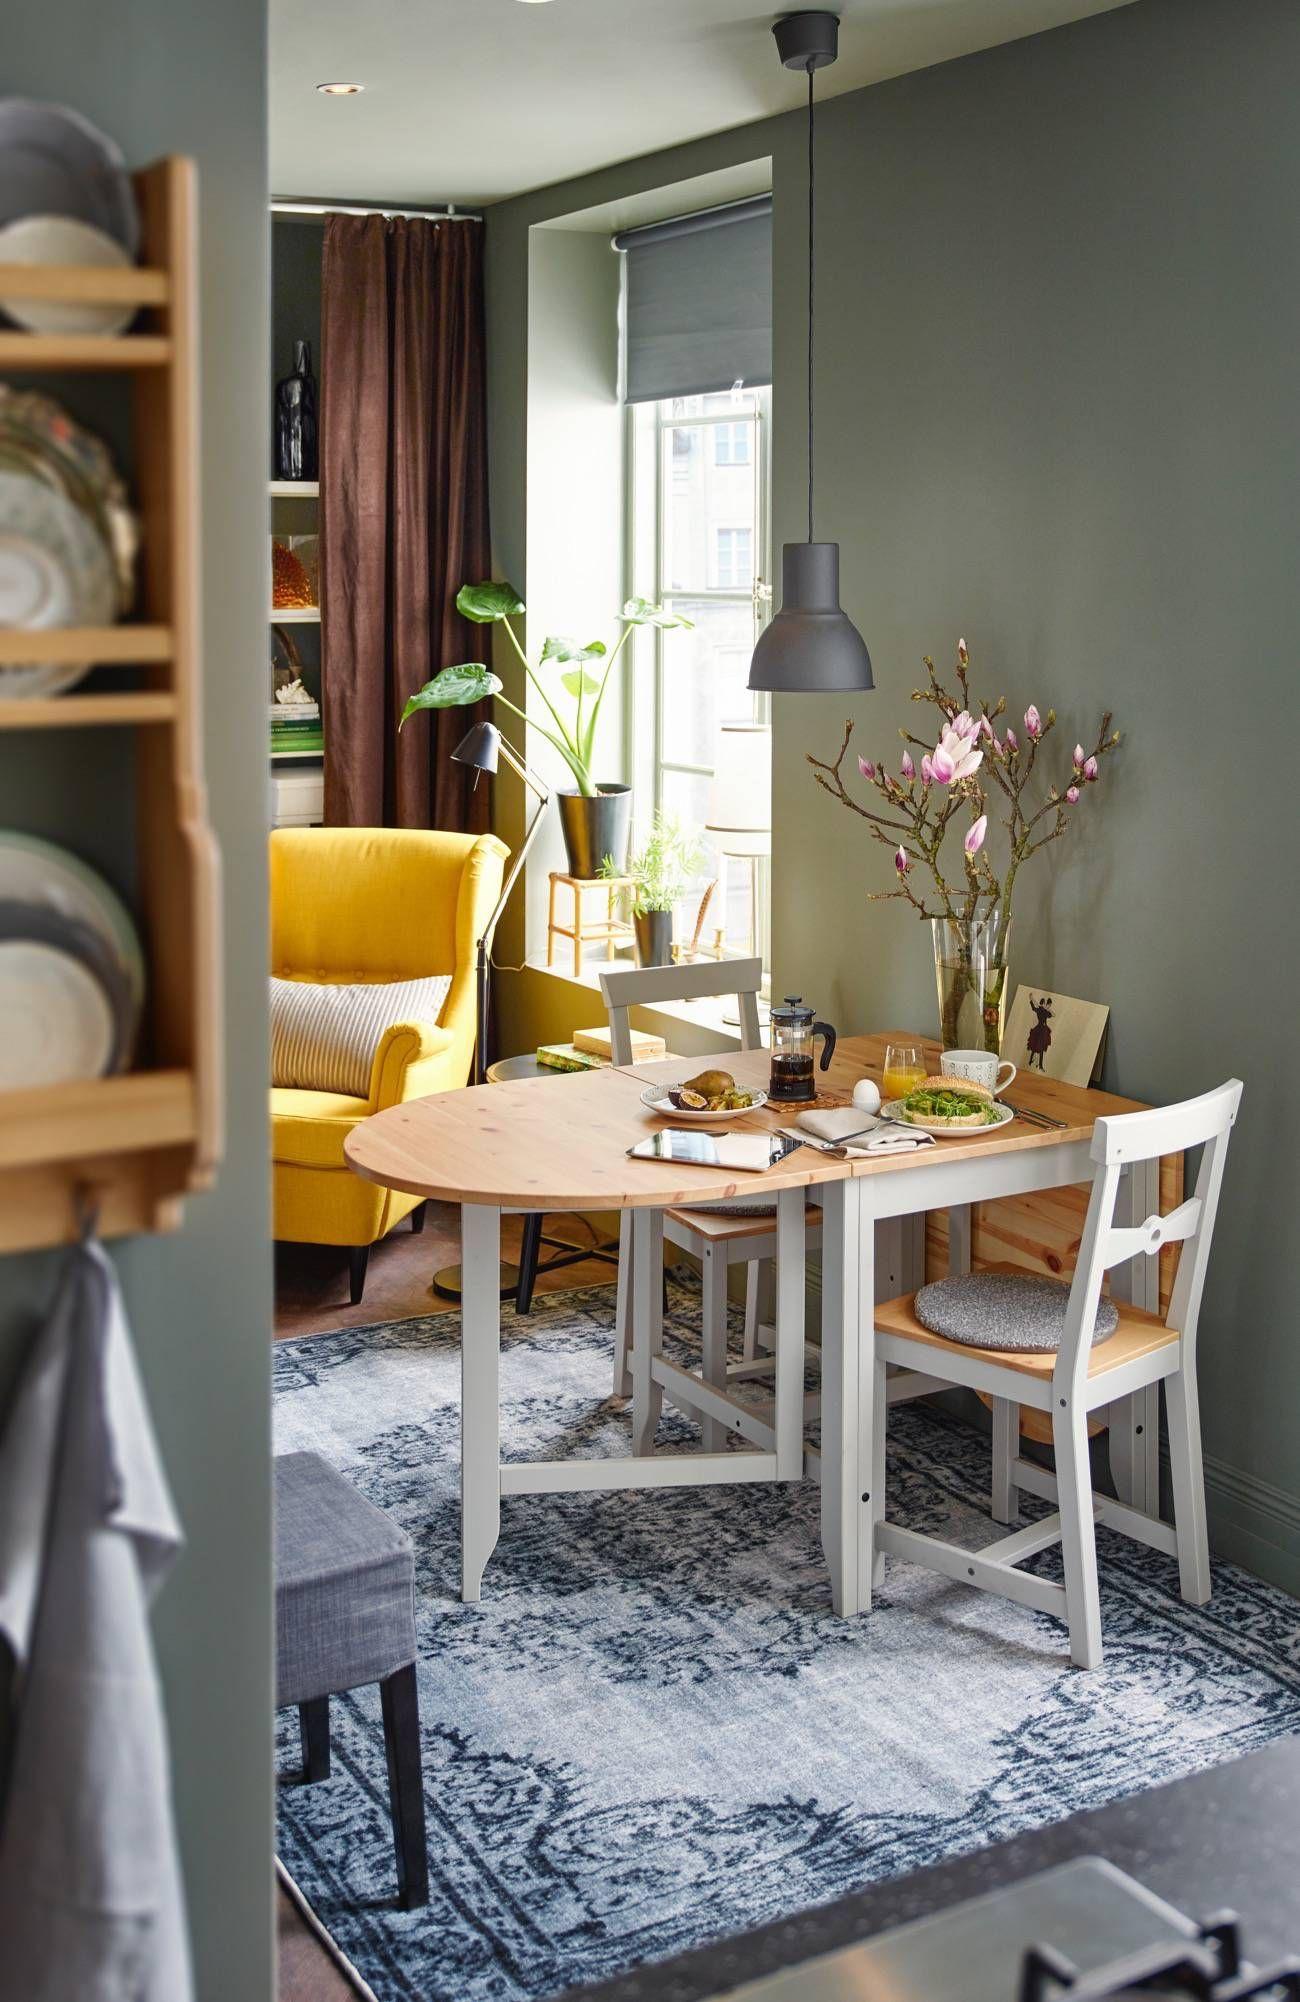 Nuevos muebles del catálogo IKEA 2016 | Decoración de cocinas | Ikea ...